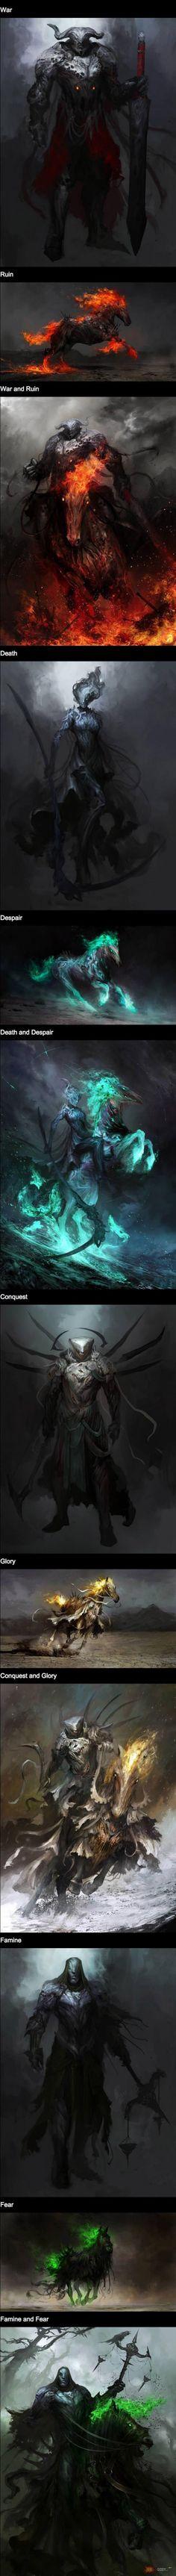 Czterej jeźdźcy apokalipsy by Daniel Karamudin